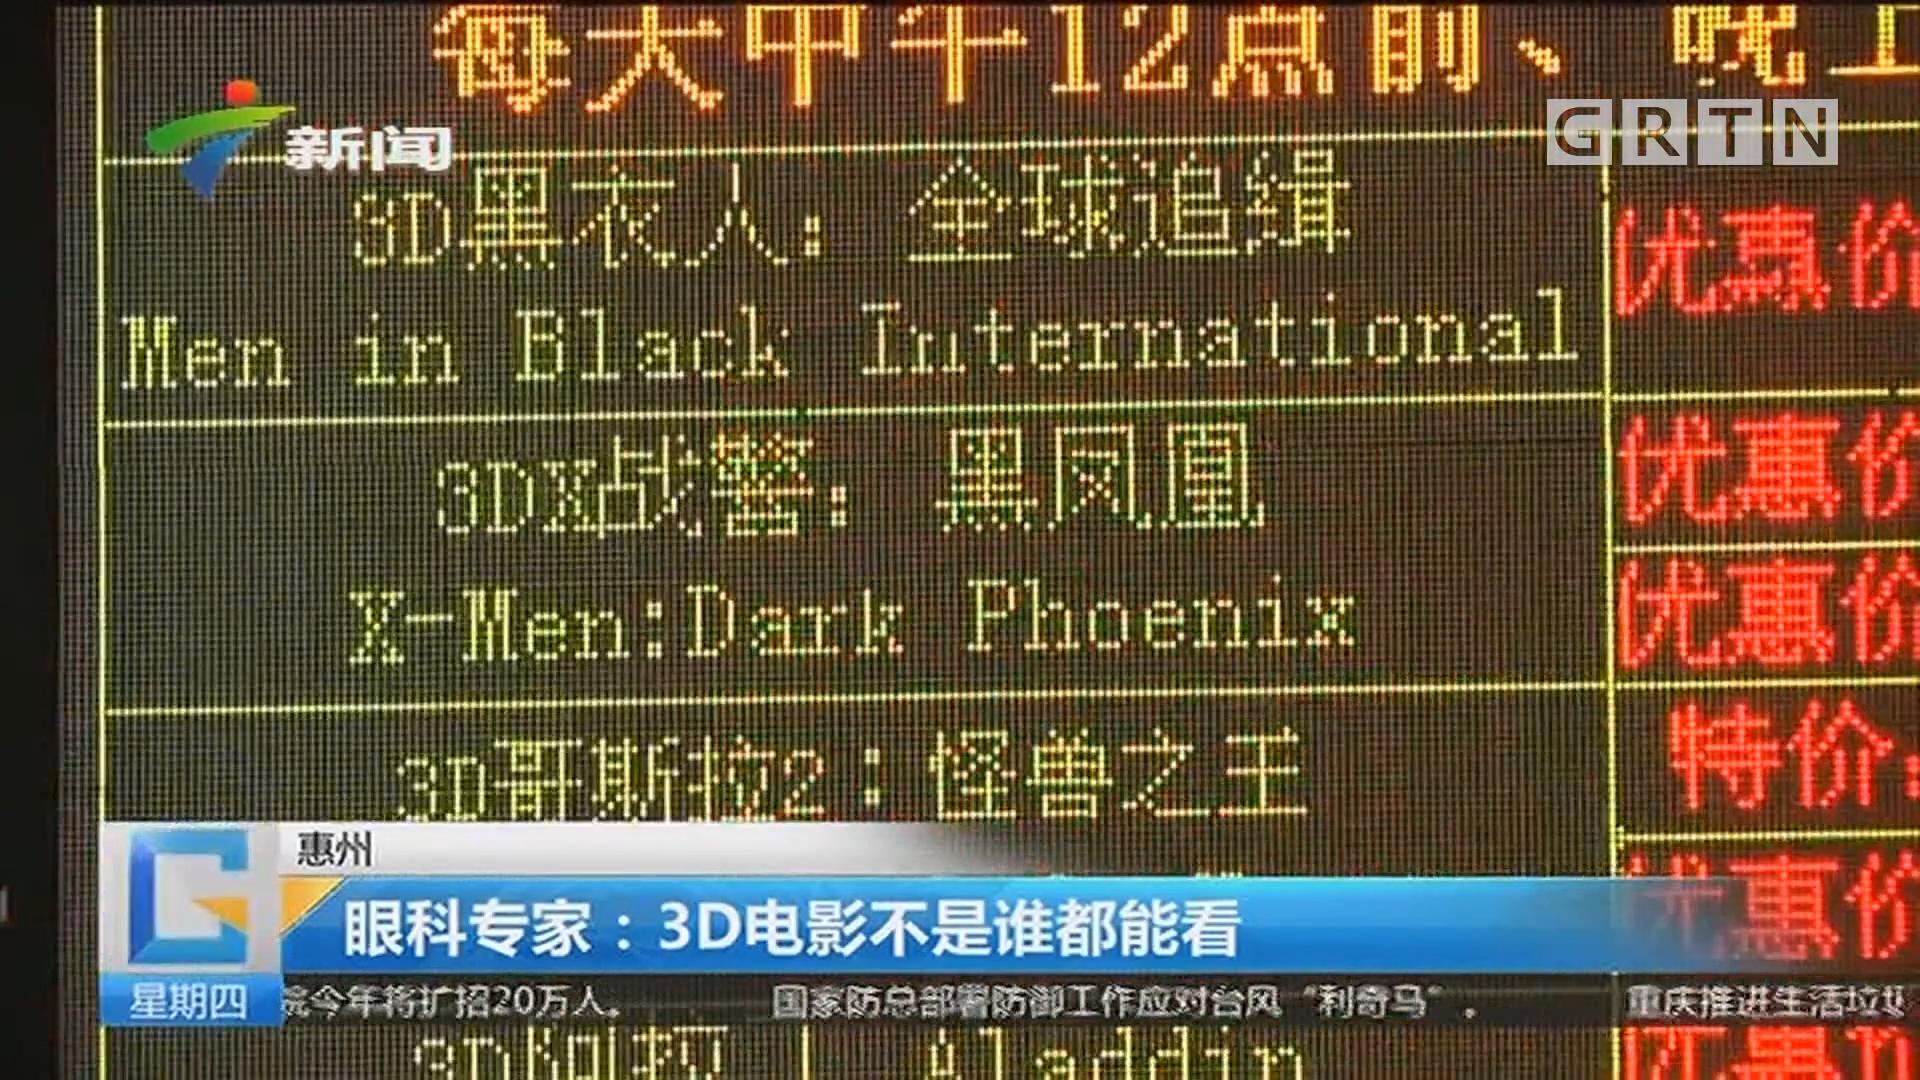 惠州 眼科专家:3D电影不是谁都能看